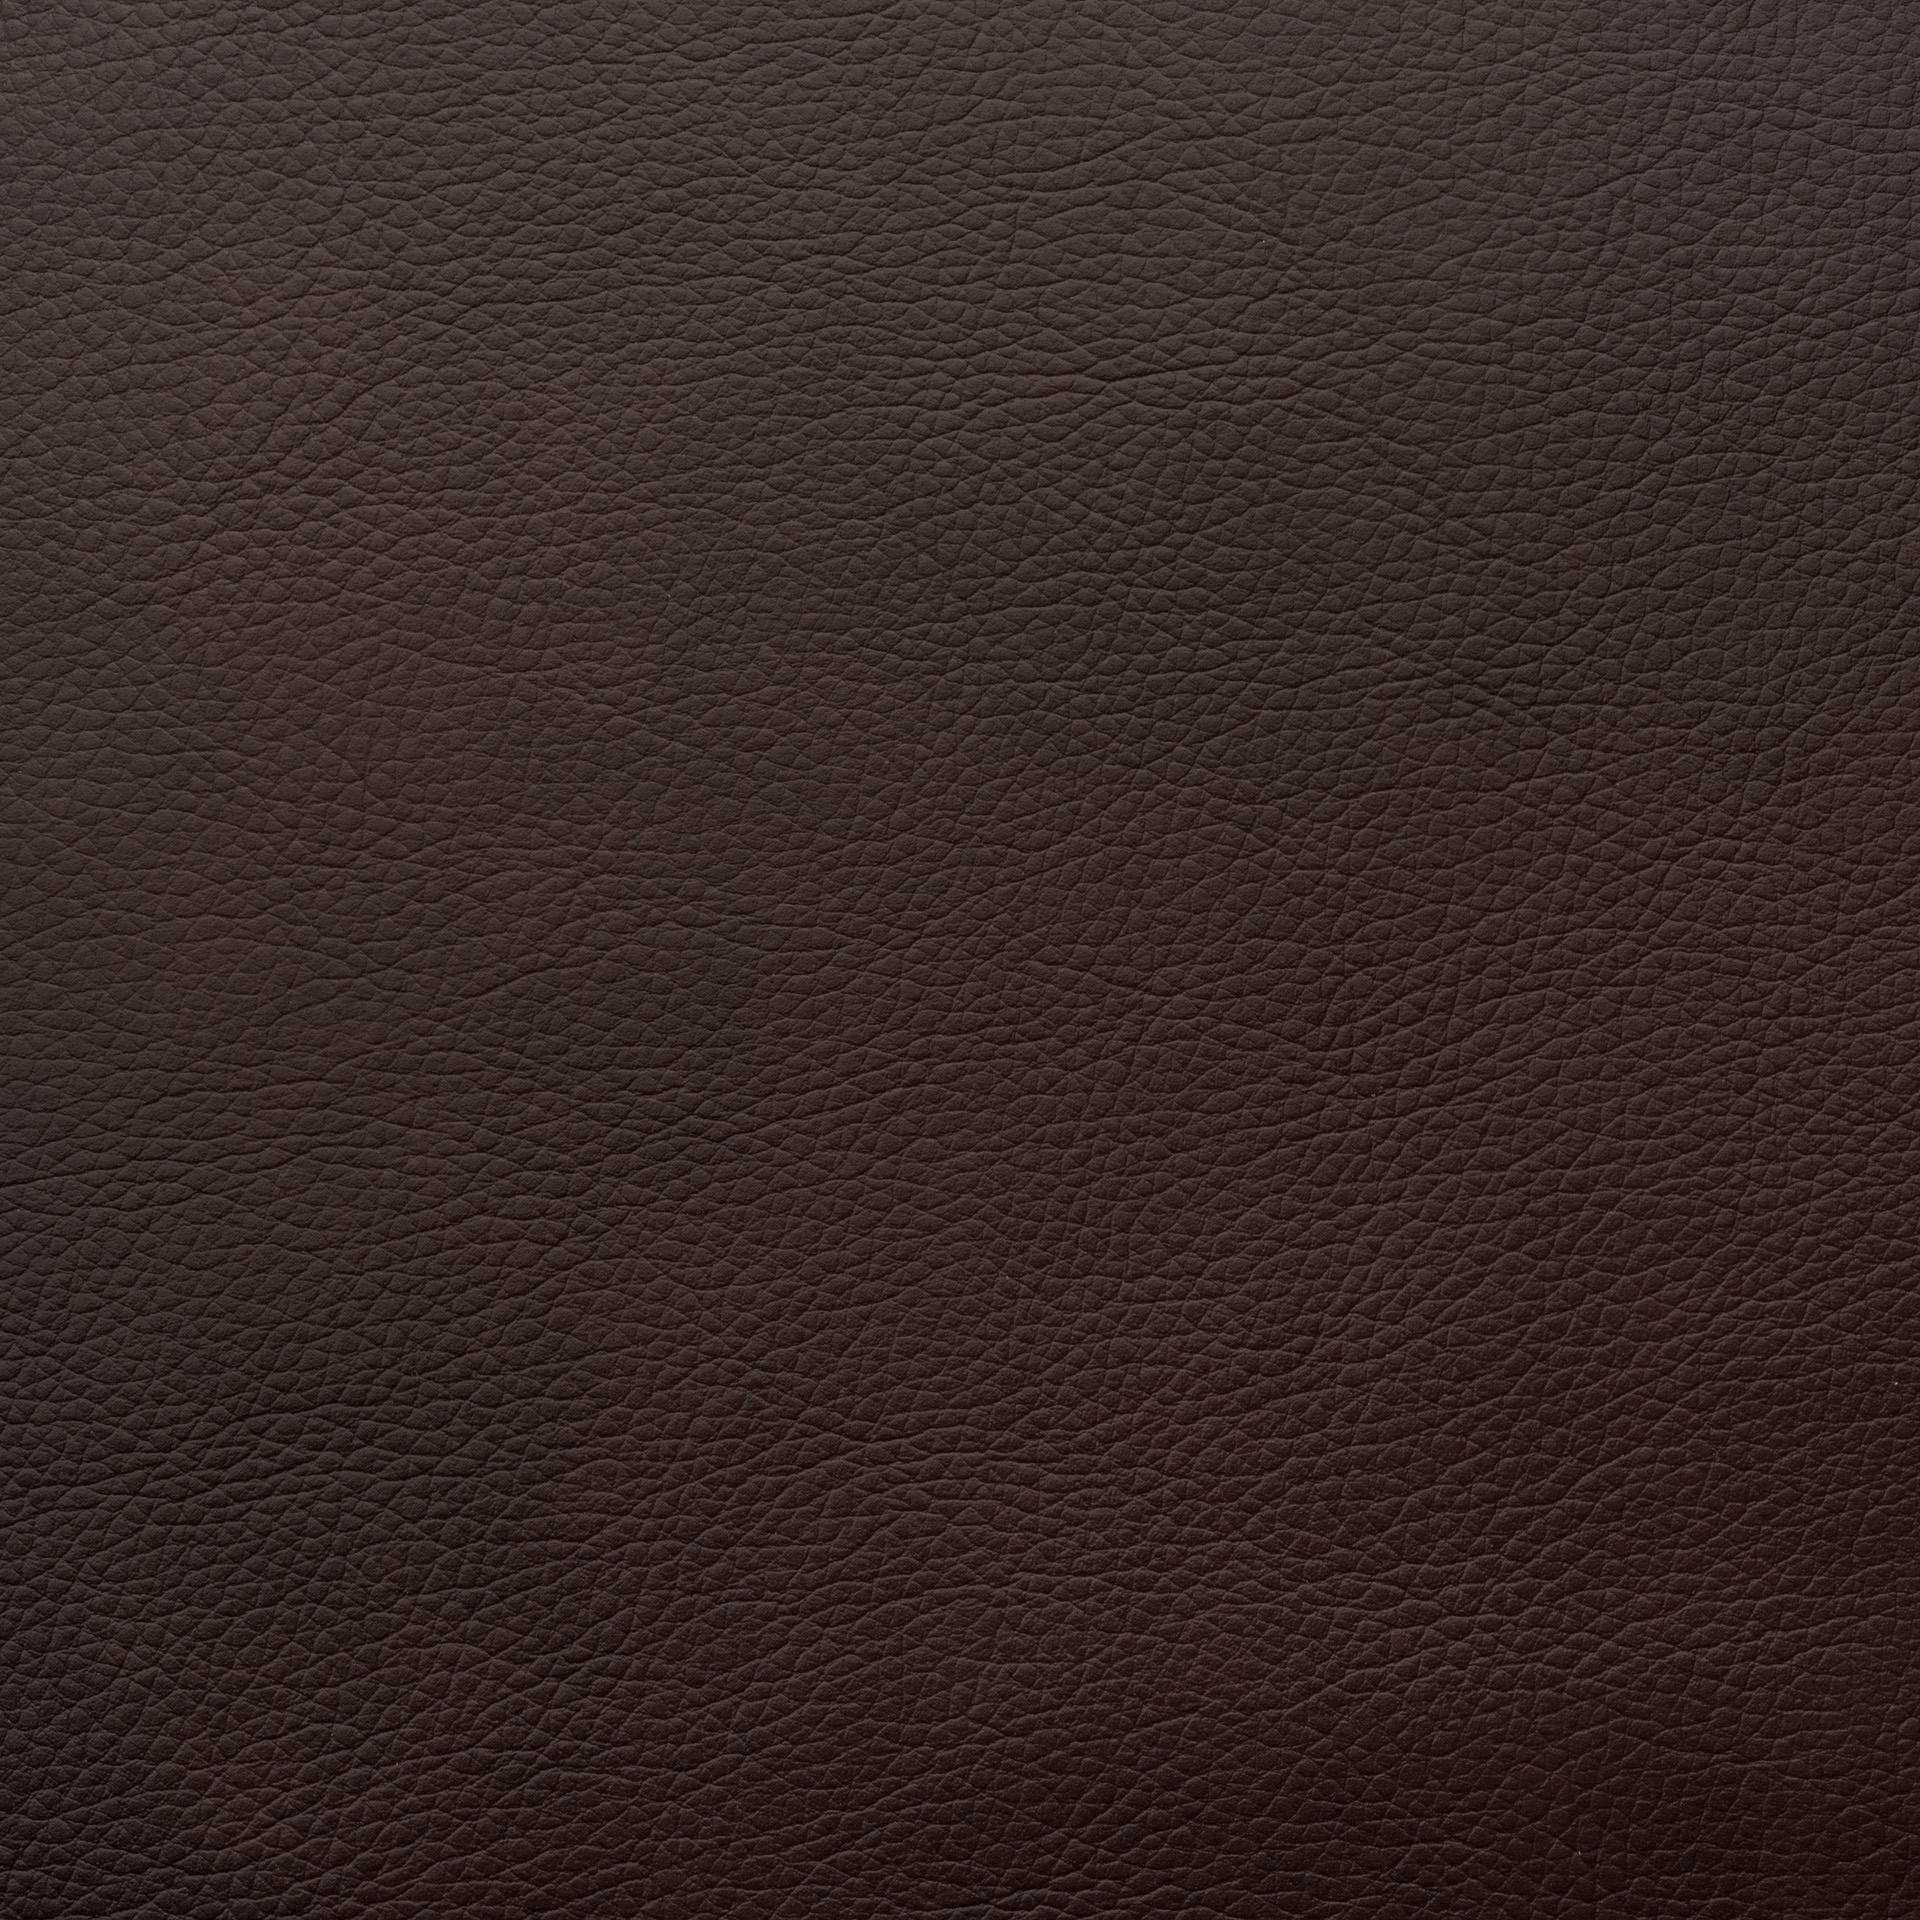 Коллекция ткани Леонардо Каппеллини 06 BITTER CHOCOLATE,  купить ткань Кож зам для мебели Украина